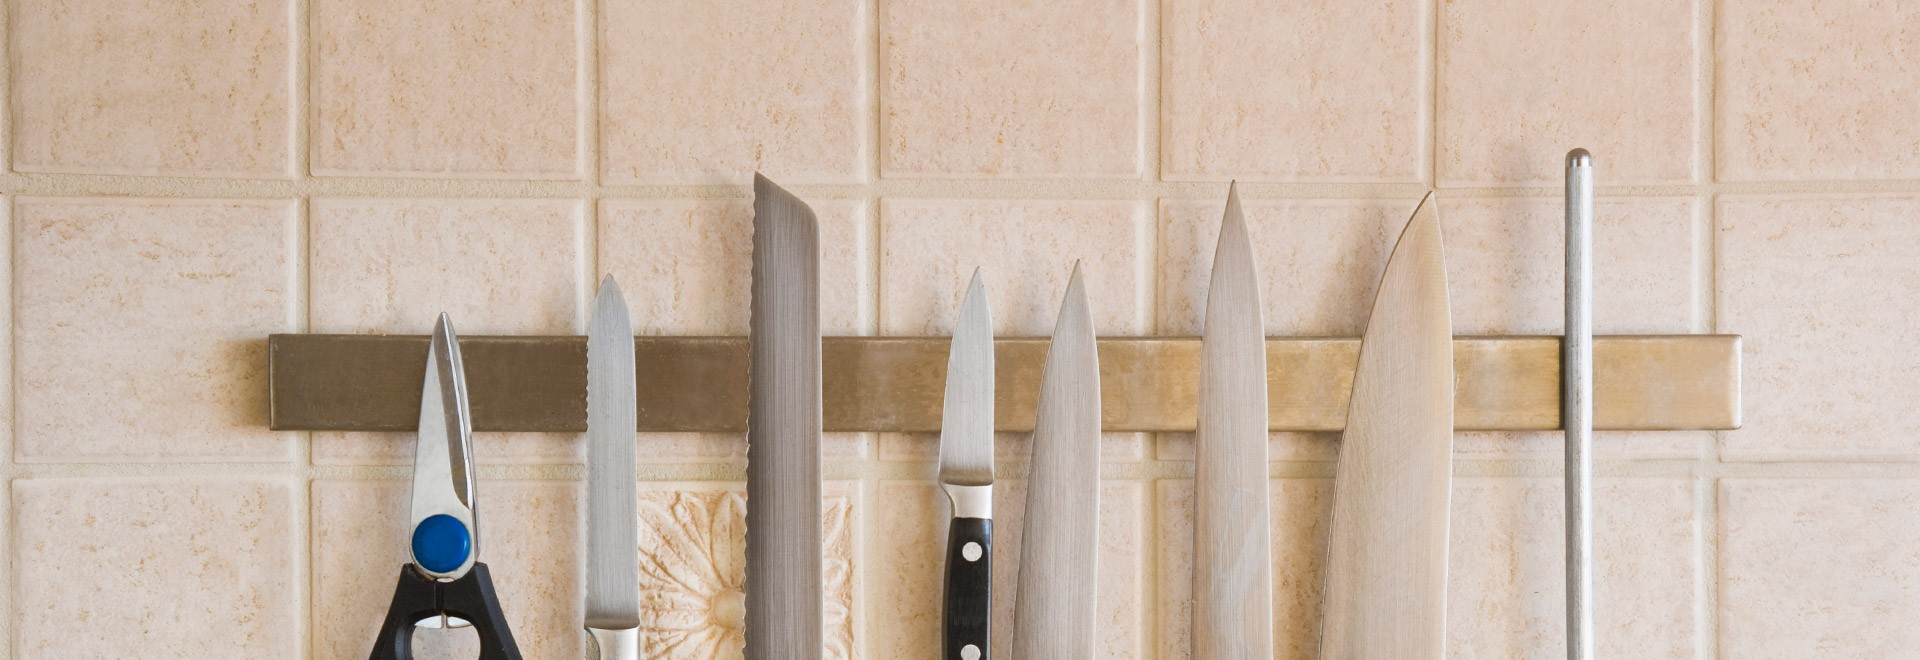 Couteaux : comparaison d'outils similaires